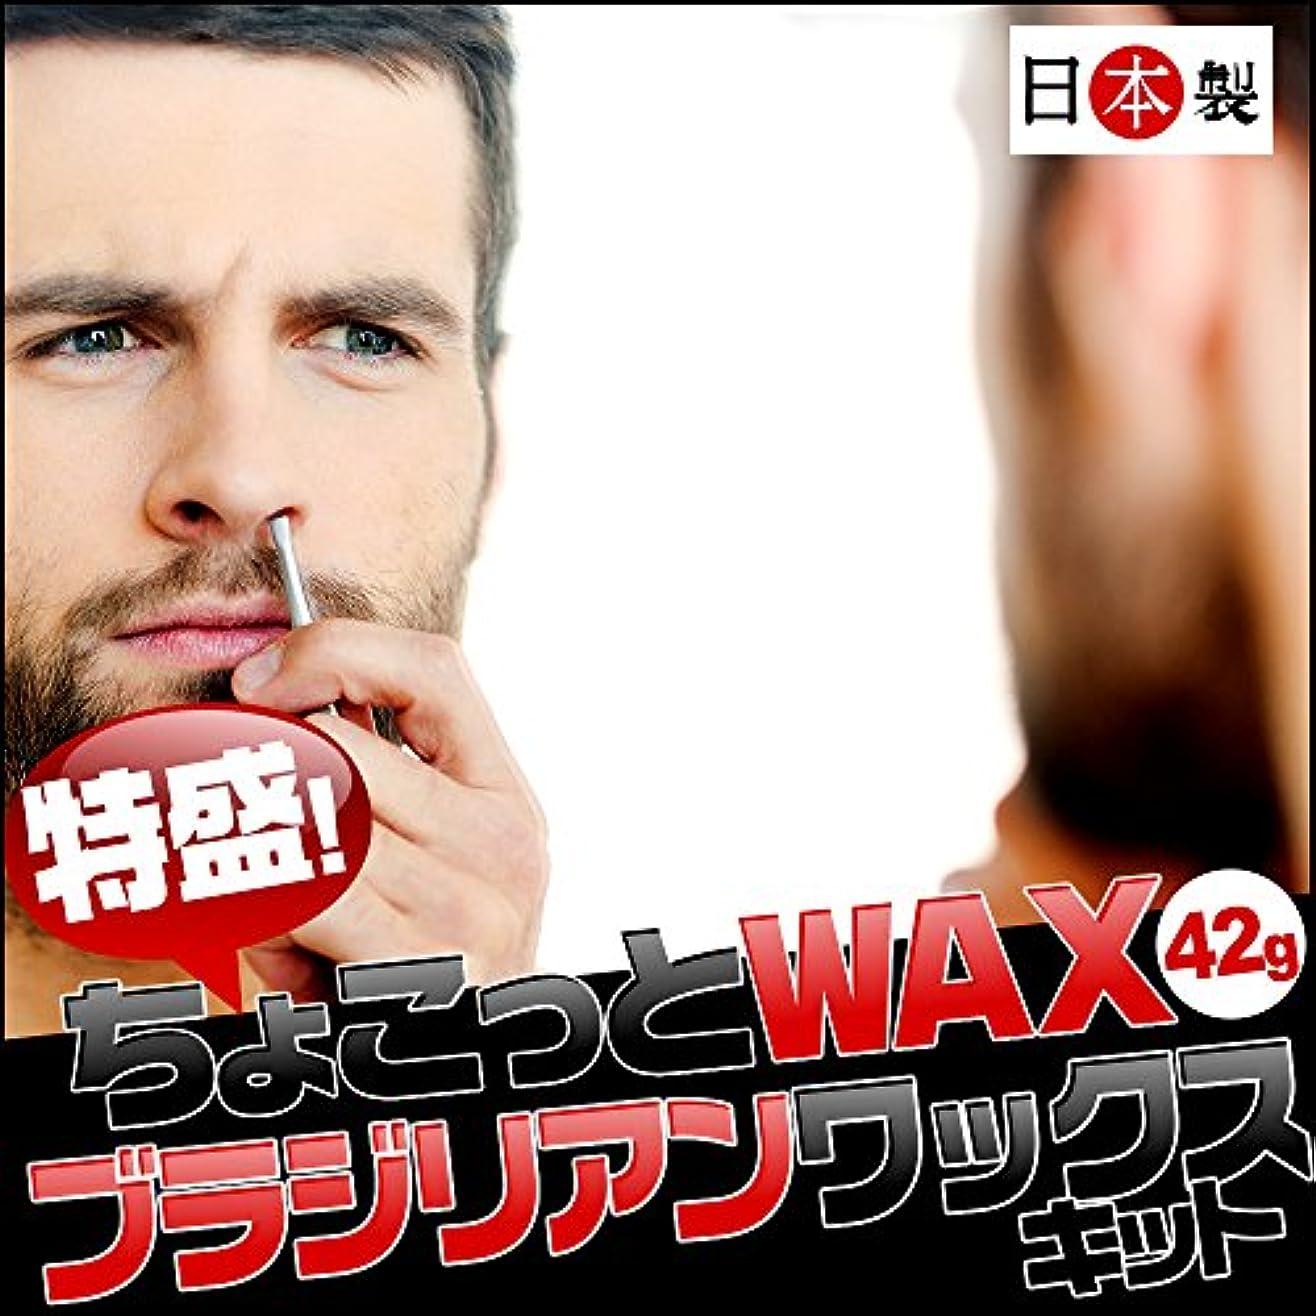 ハグマット月曜日日本製ワックスで安心!鼻毛脱毛  特盛  ちょこっとWax 6回分 (鼻毛スティック12本)